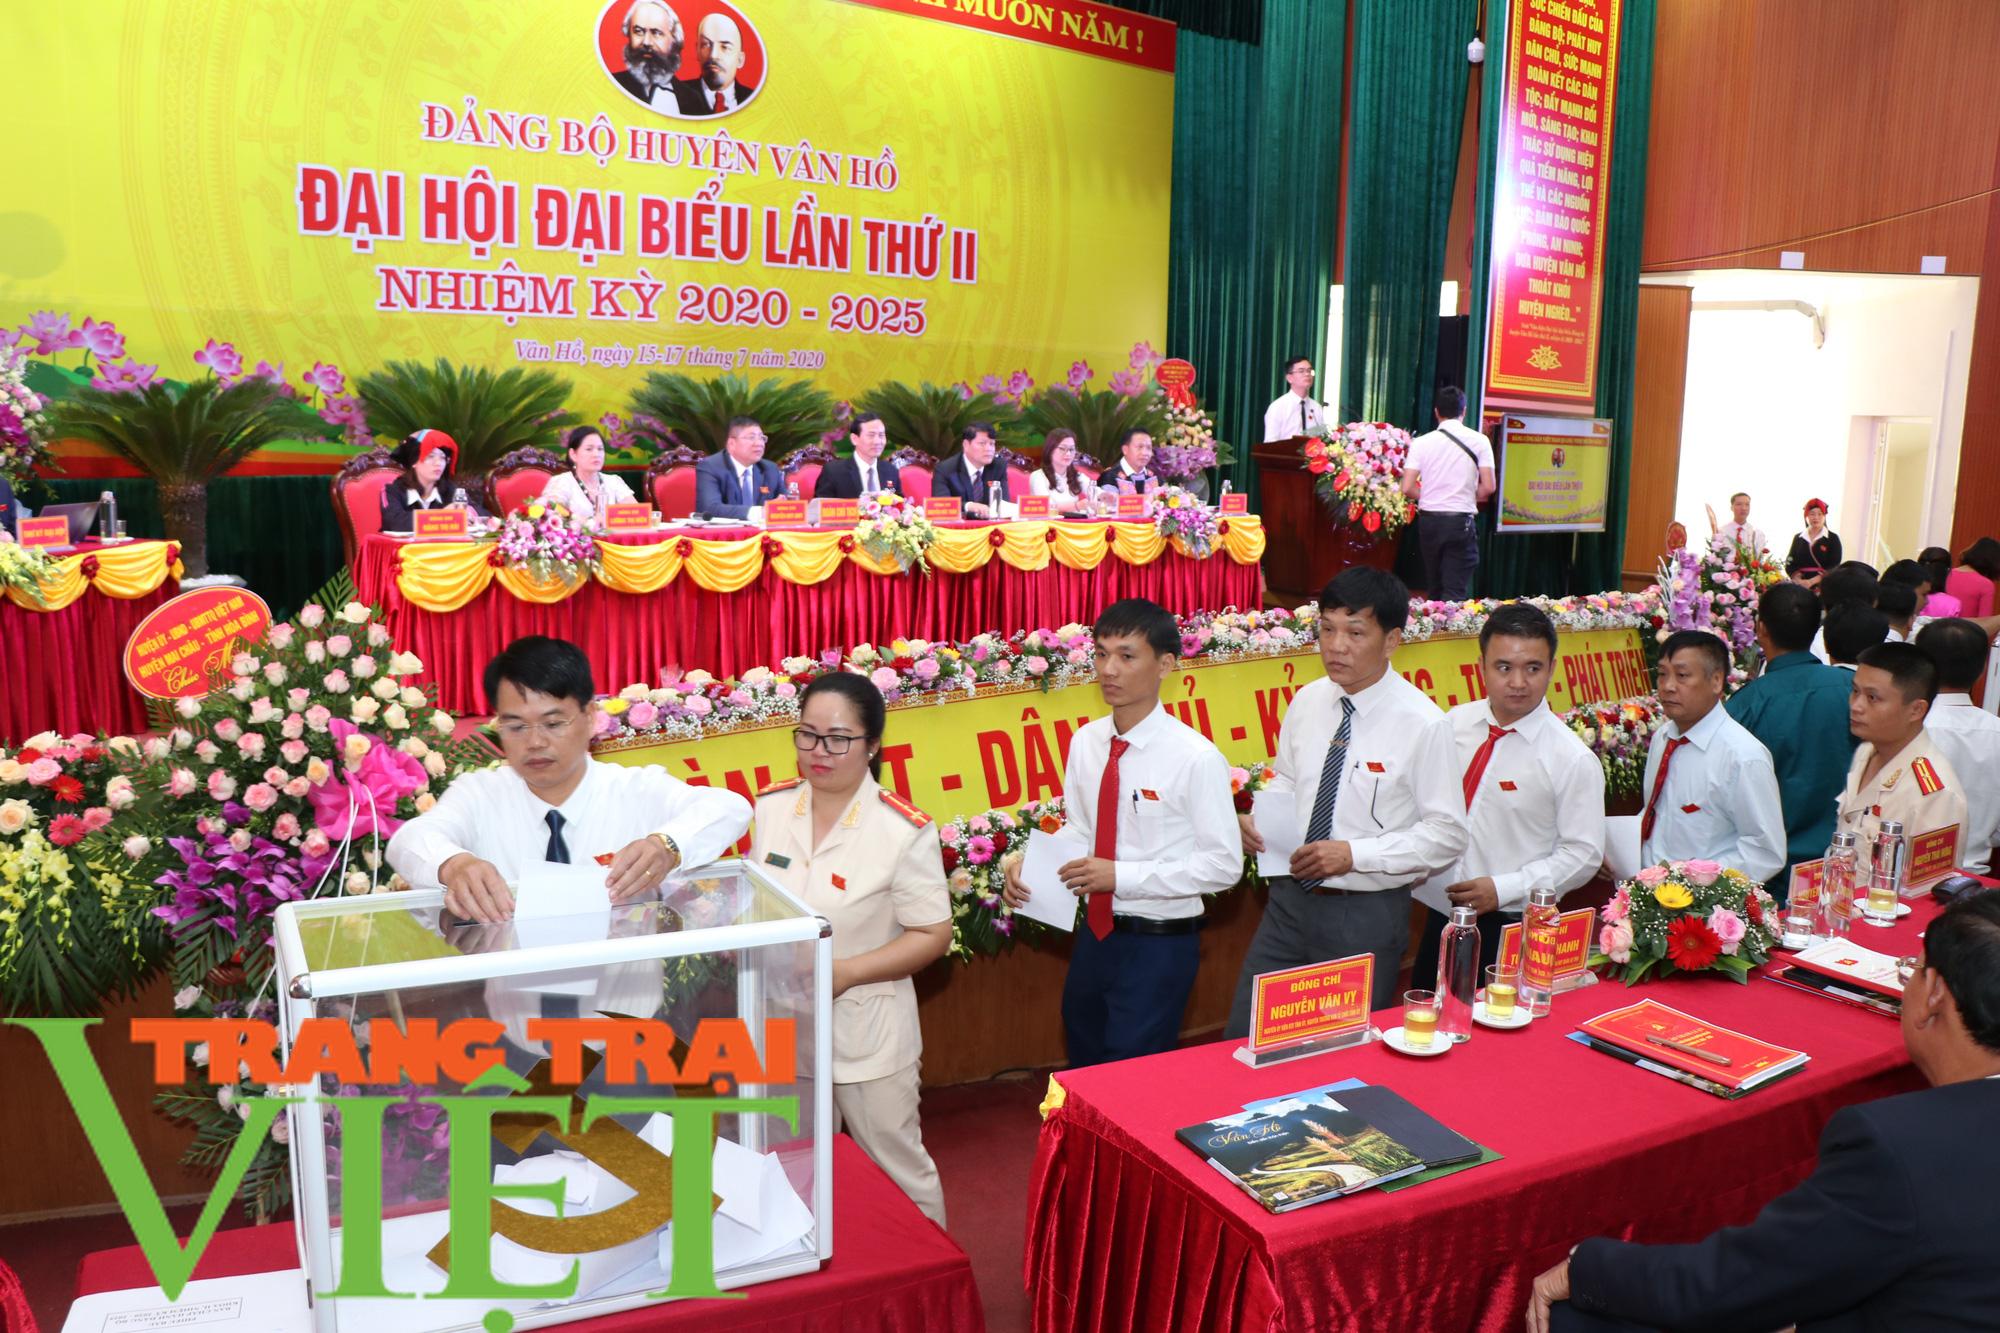 Đại hội đại biểu Đảng bộ huyện Vân Hồ phấn đấu đến 2025 đưa huyện thoát nghèo   - Ảnh 3.